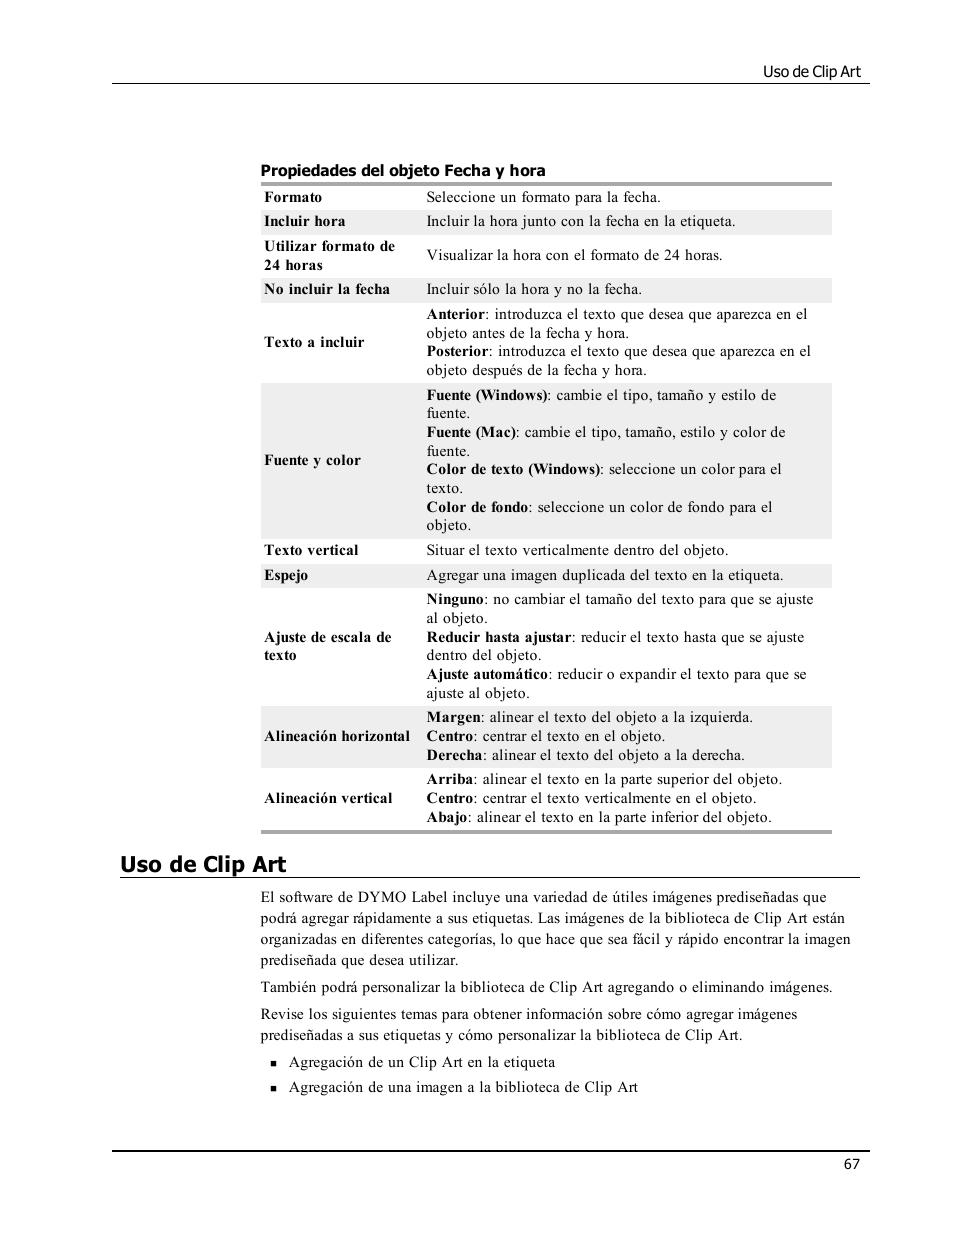 Uso de clip art | Dymo LabelWriter 450 Turbo Software Manual Manual del  usuario | Página